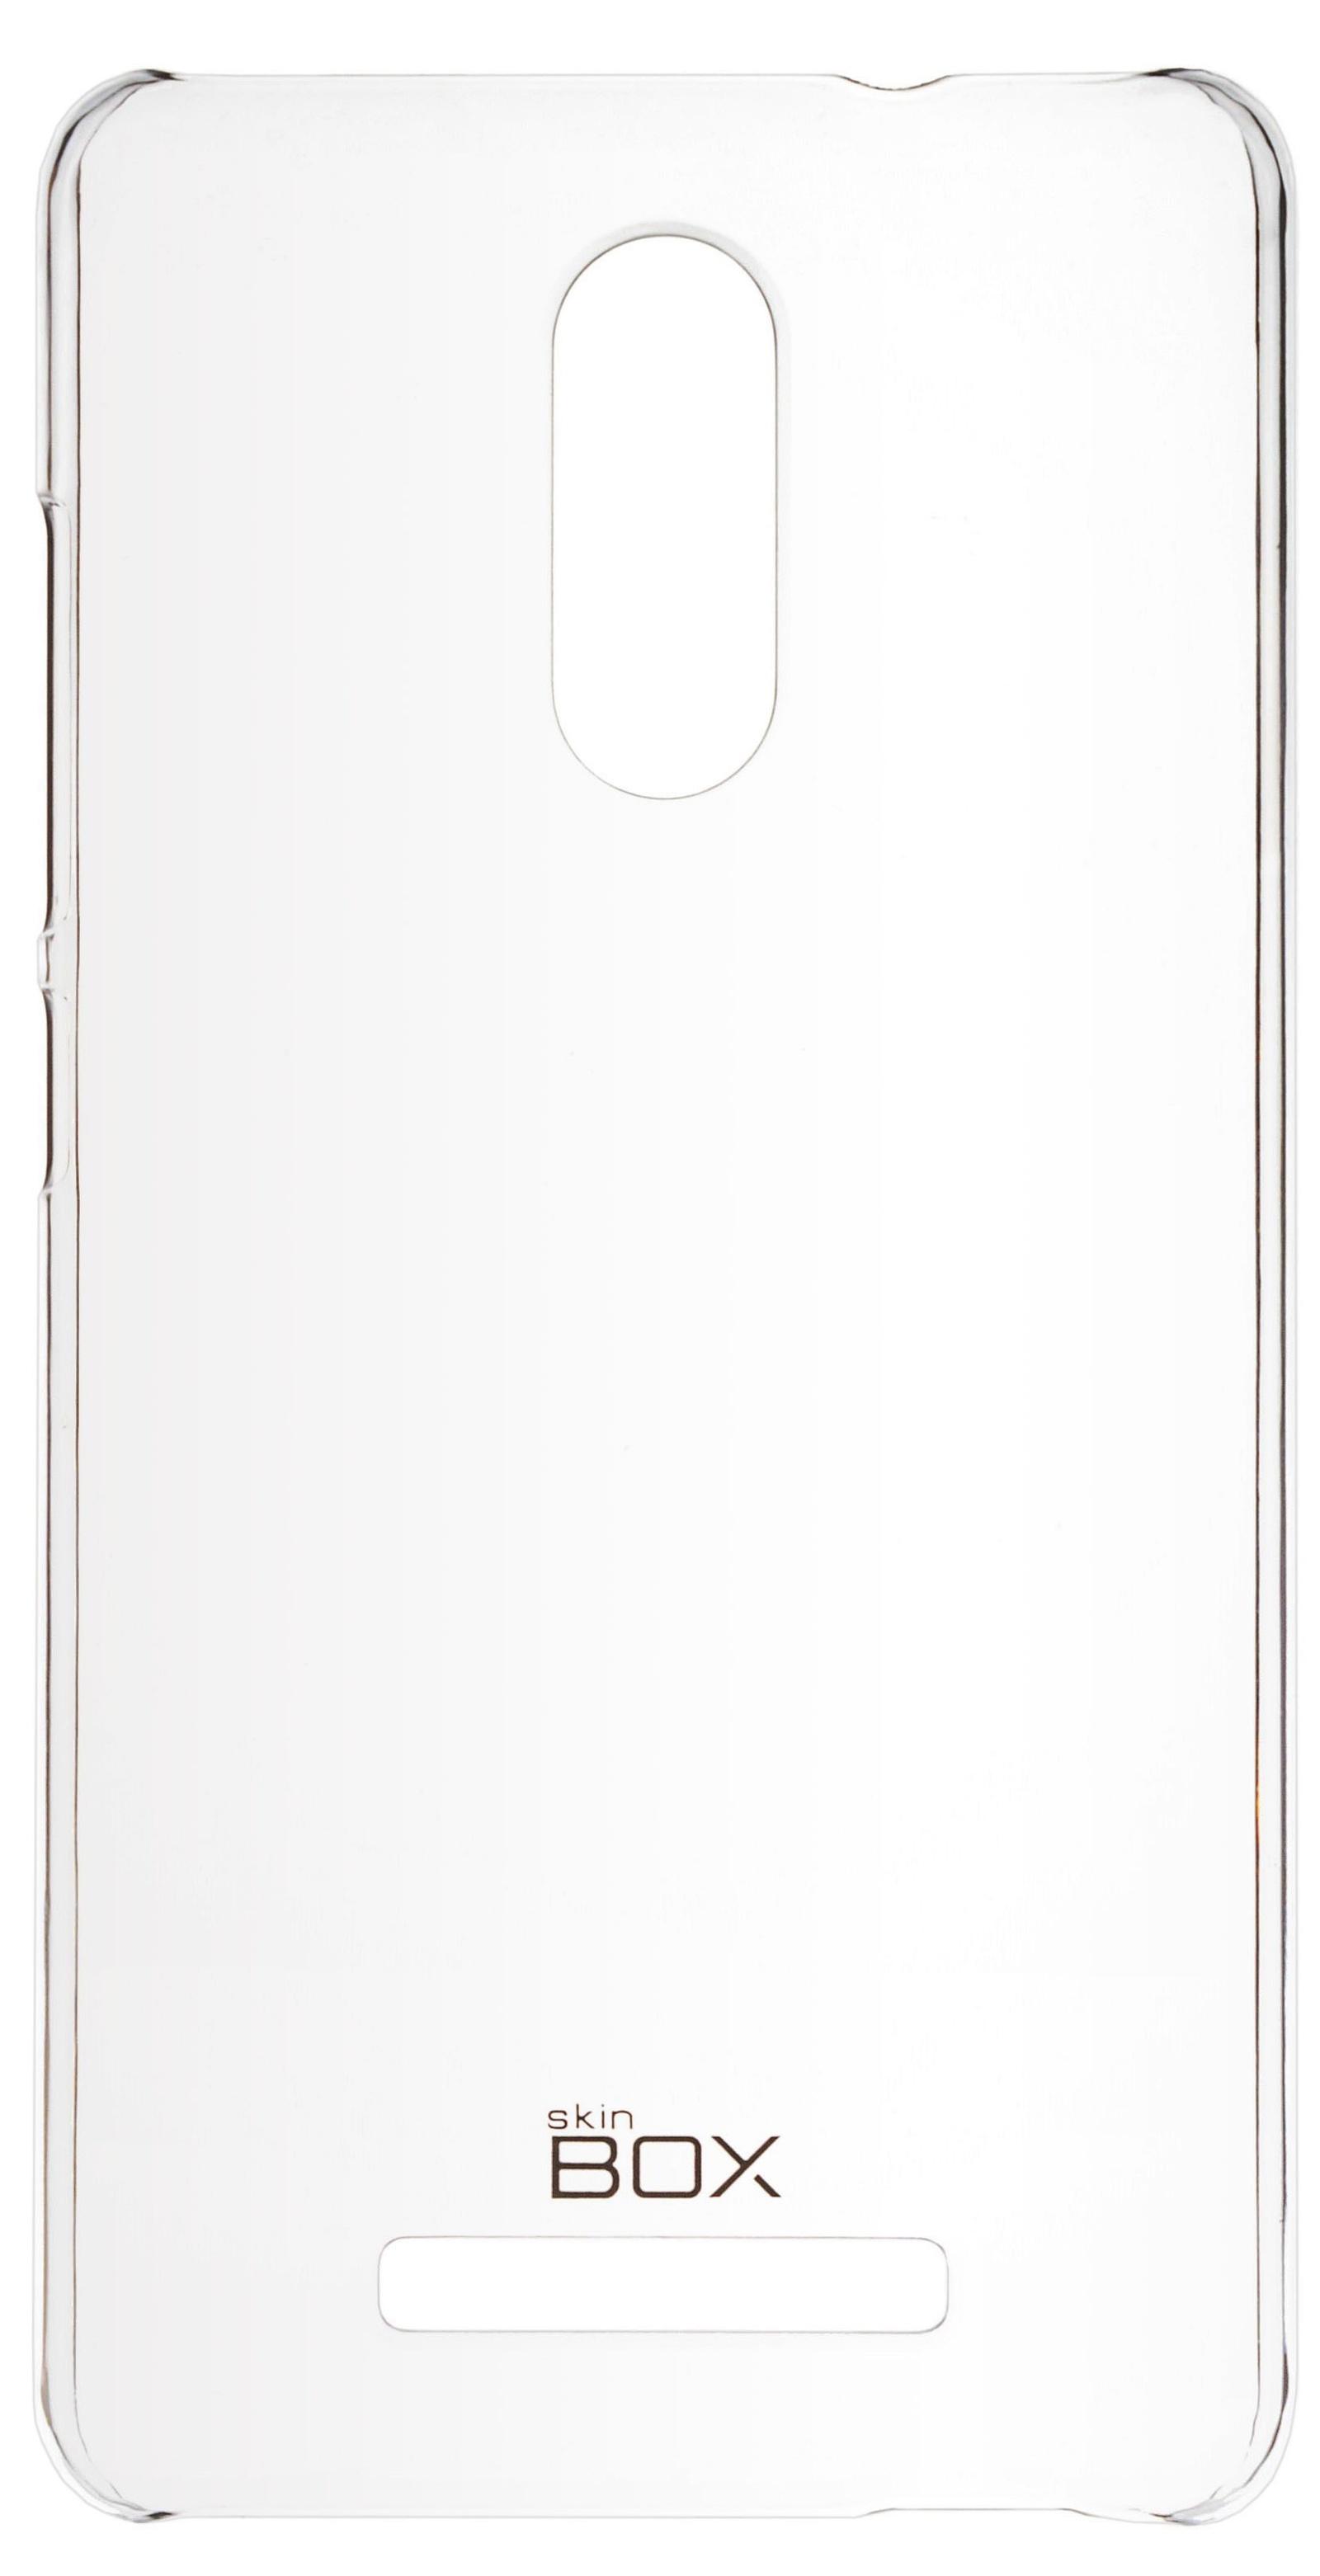 Чехол для сотового телефона skinBOX Crystal, 4630042528123, прозрачный чехол для сотового телефона skinbox crystal 4630042528109 прозрачный